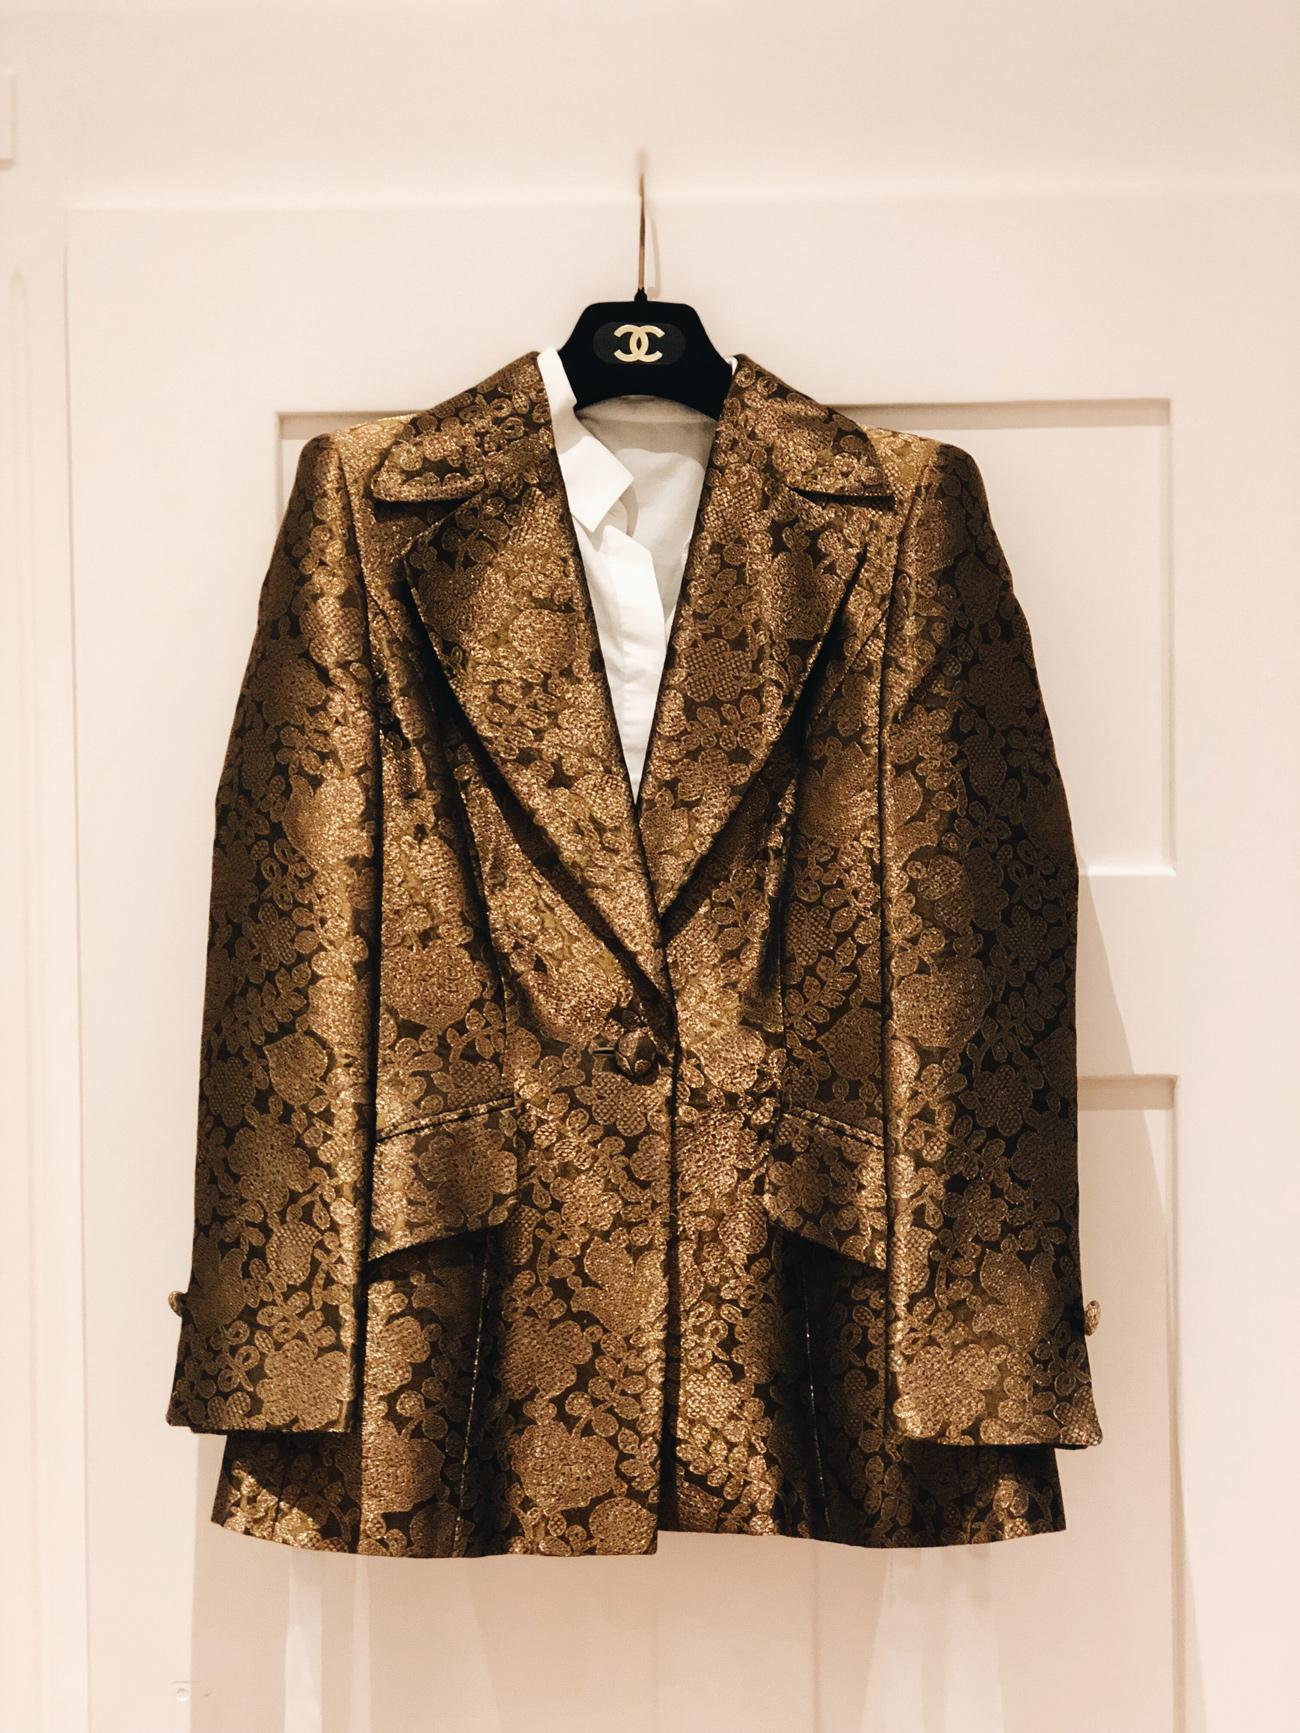 Escada Couture Blazer Braun Gold mit Chanel Samt Kleiderbügel